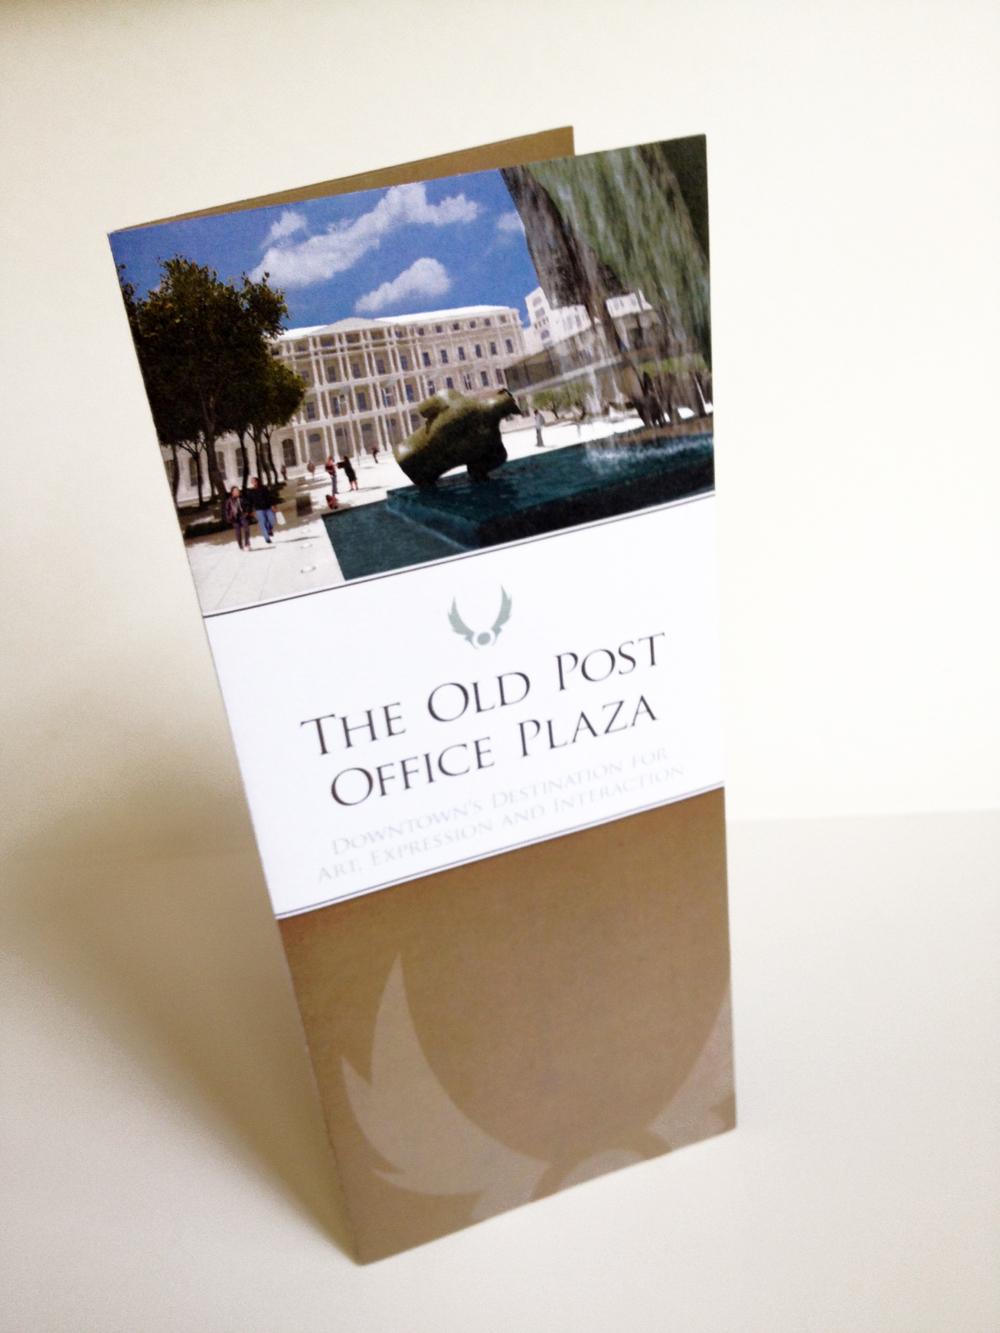 OldPostOffice_2.JPG